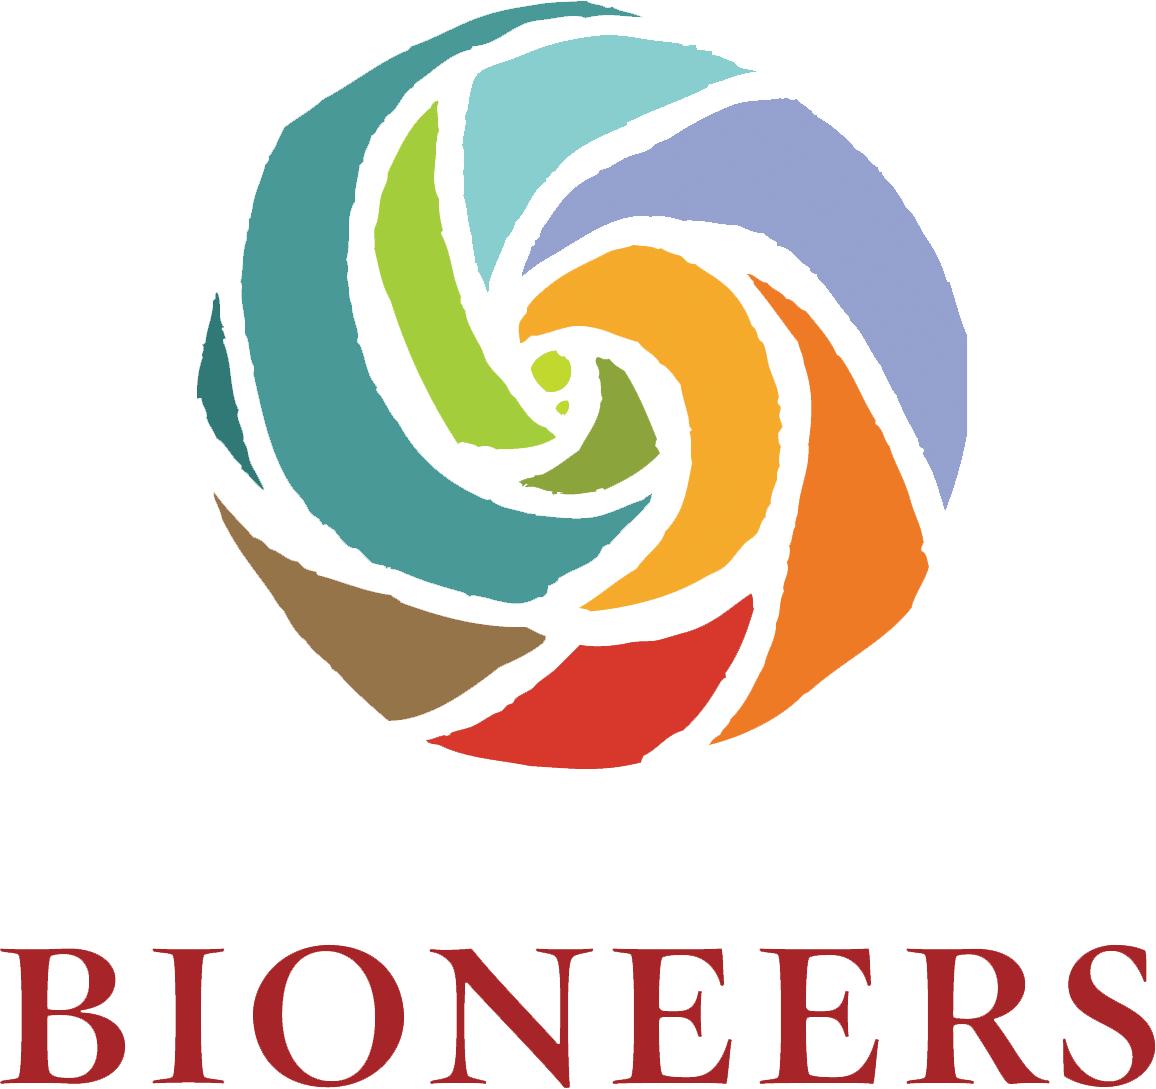 BioneersLogo 1